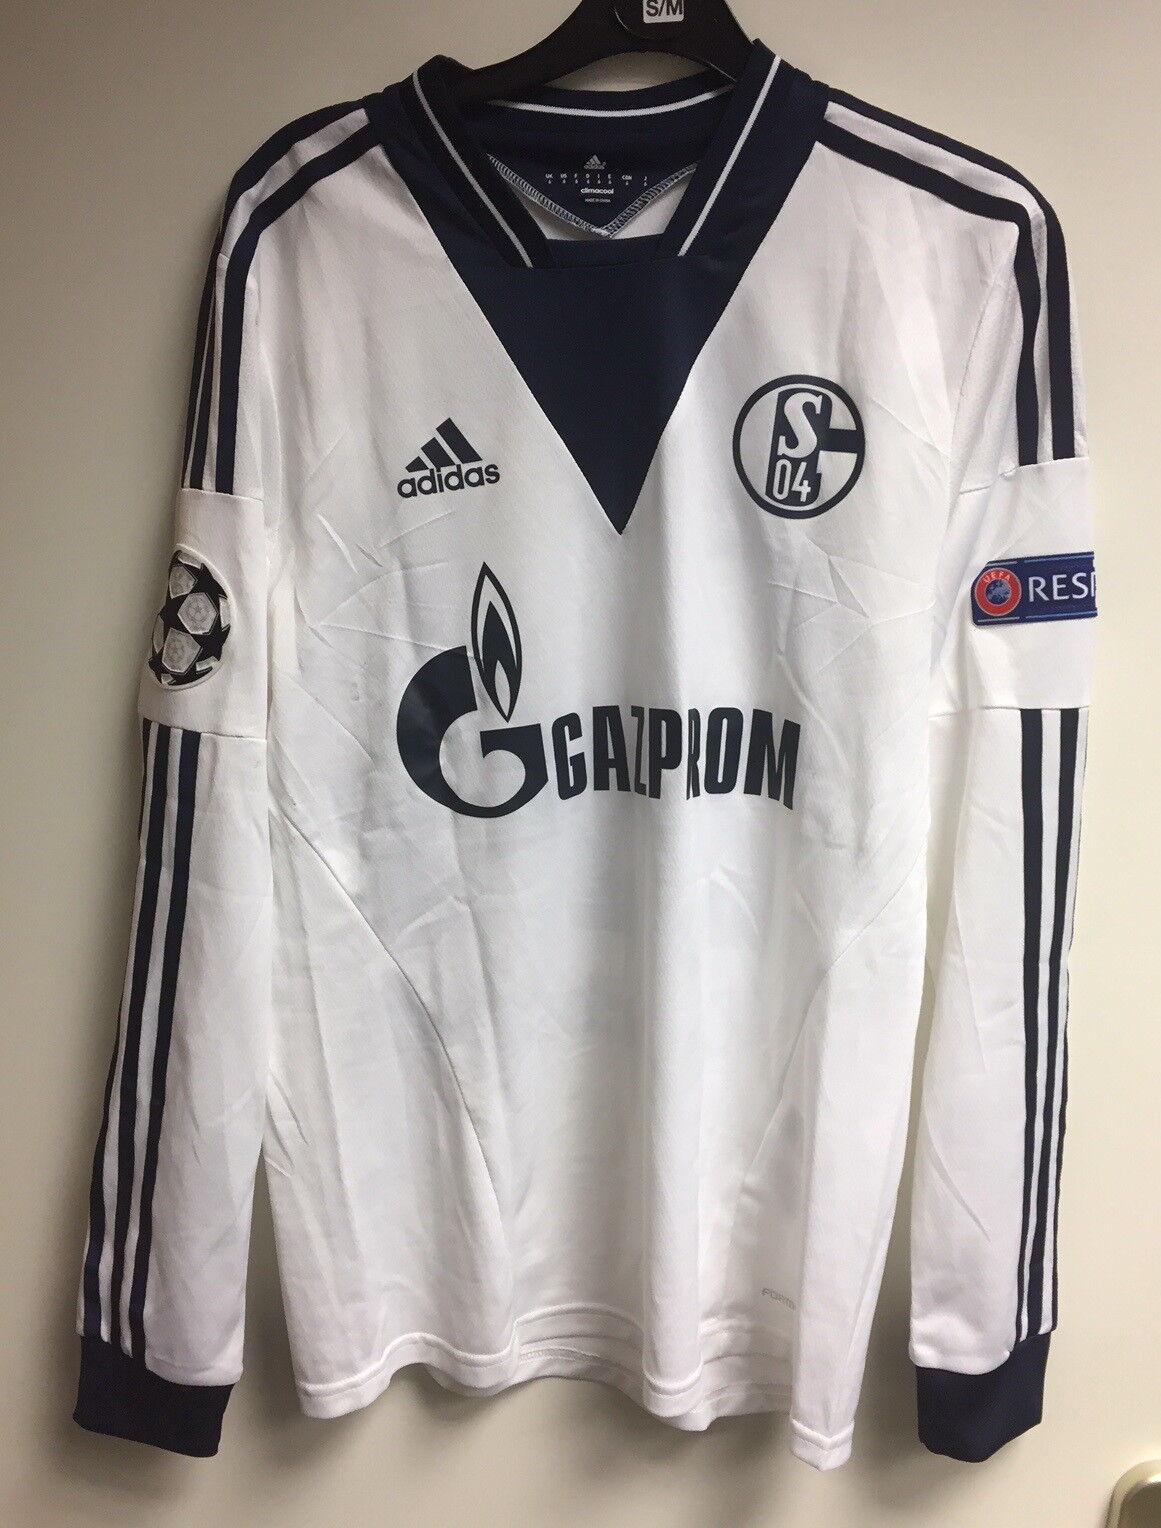 FC Schalke 04 S04 Spielertrikot Formotion Kaan Ayhan Champions League - Gr. 6